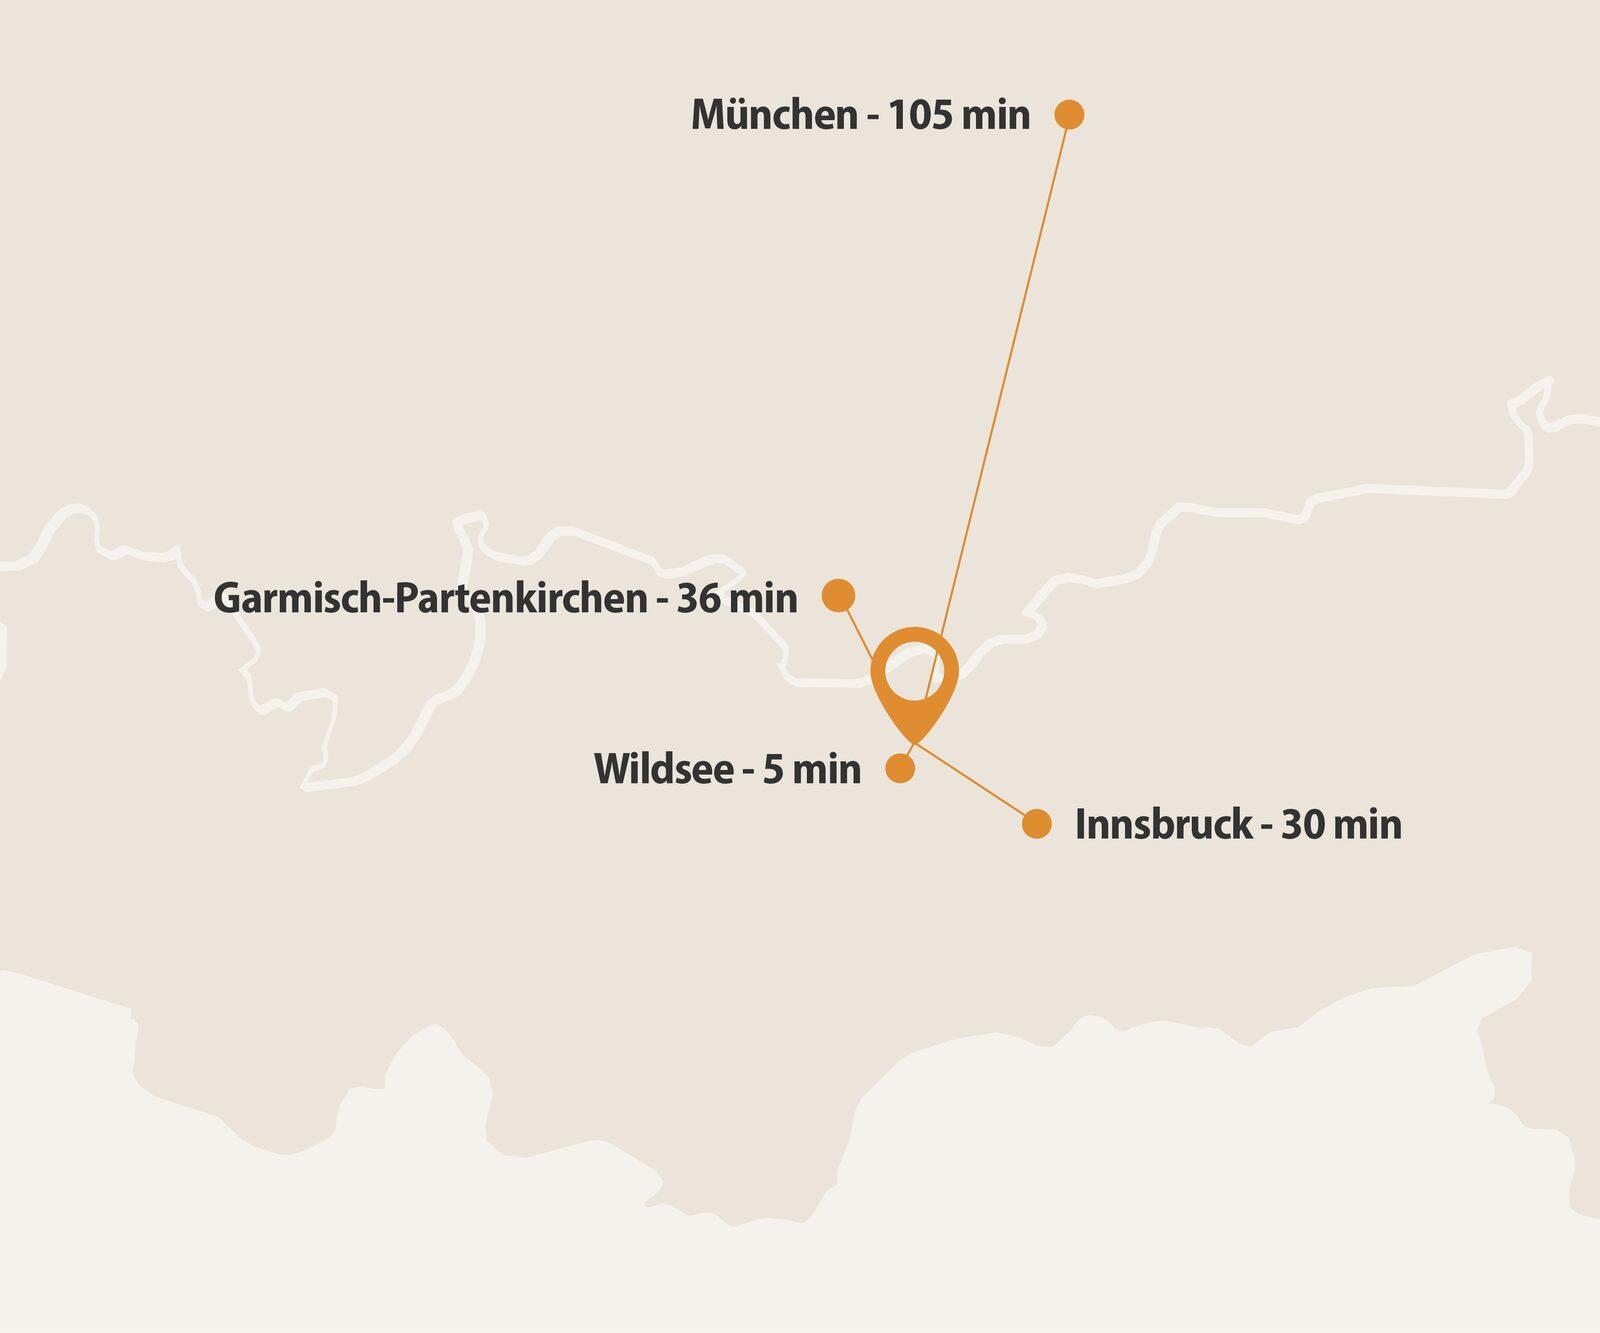 Kaart met reisafstanden Seefeld